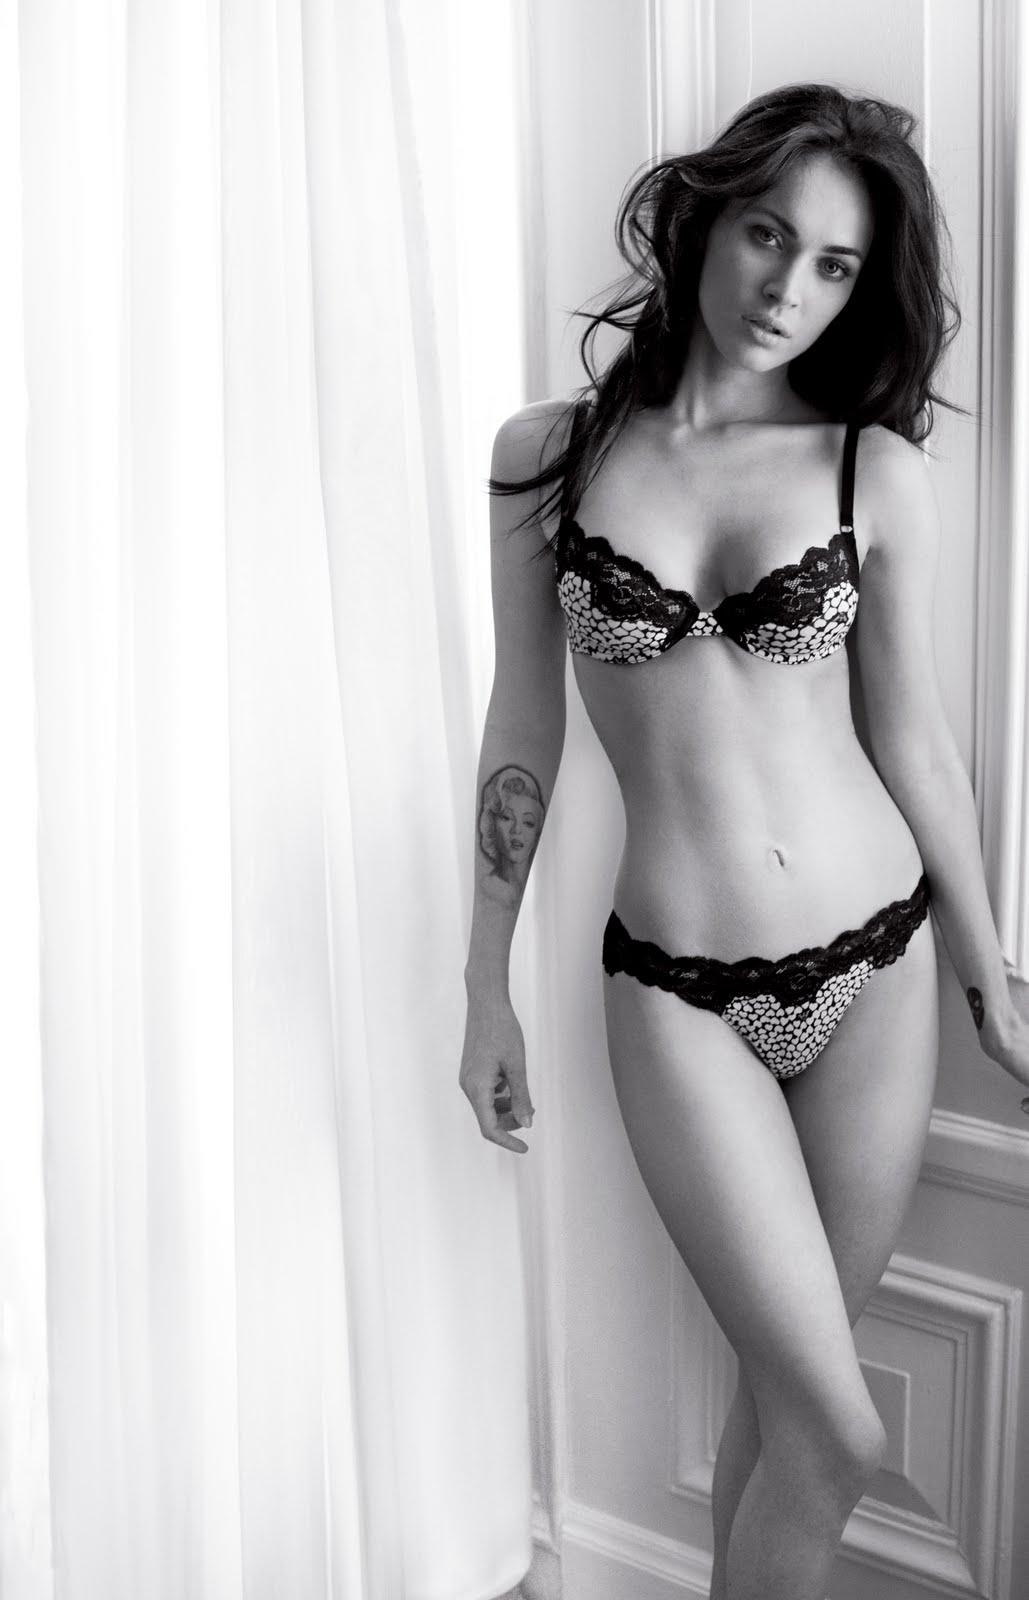 Crazy Hot Room Megan Fox Hot Hot Stills